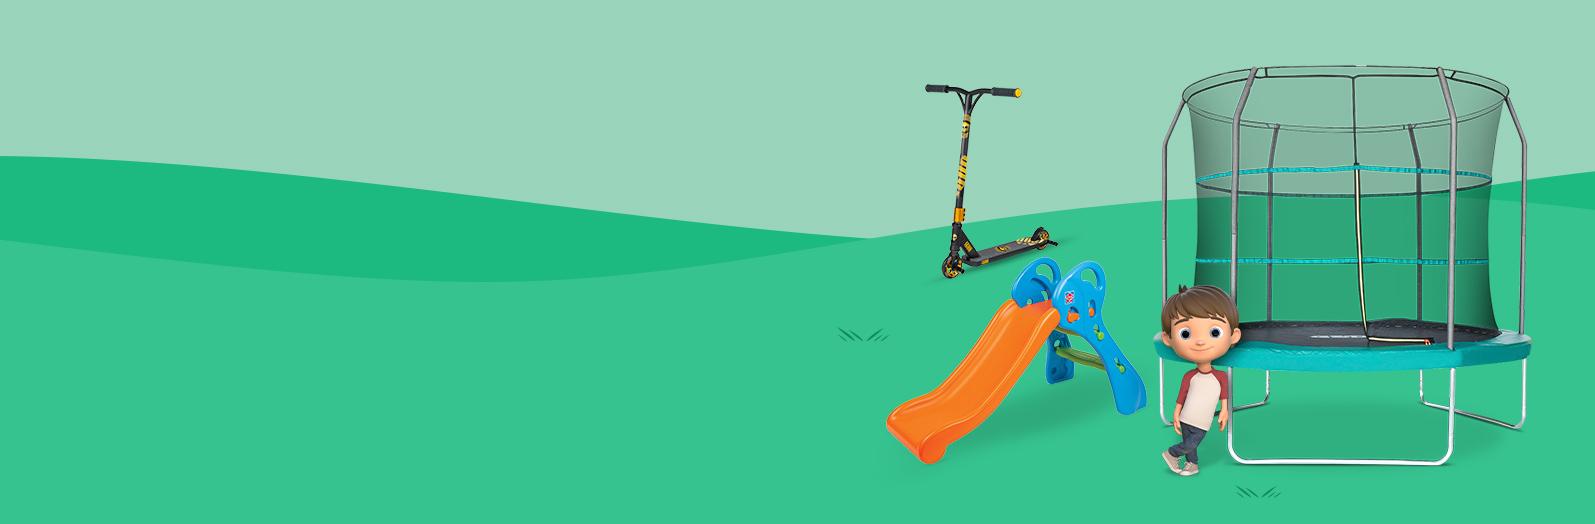 Smyths Toys Superstores Spielzeug Online Kaufen Deutschland